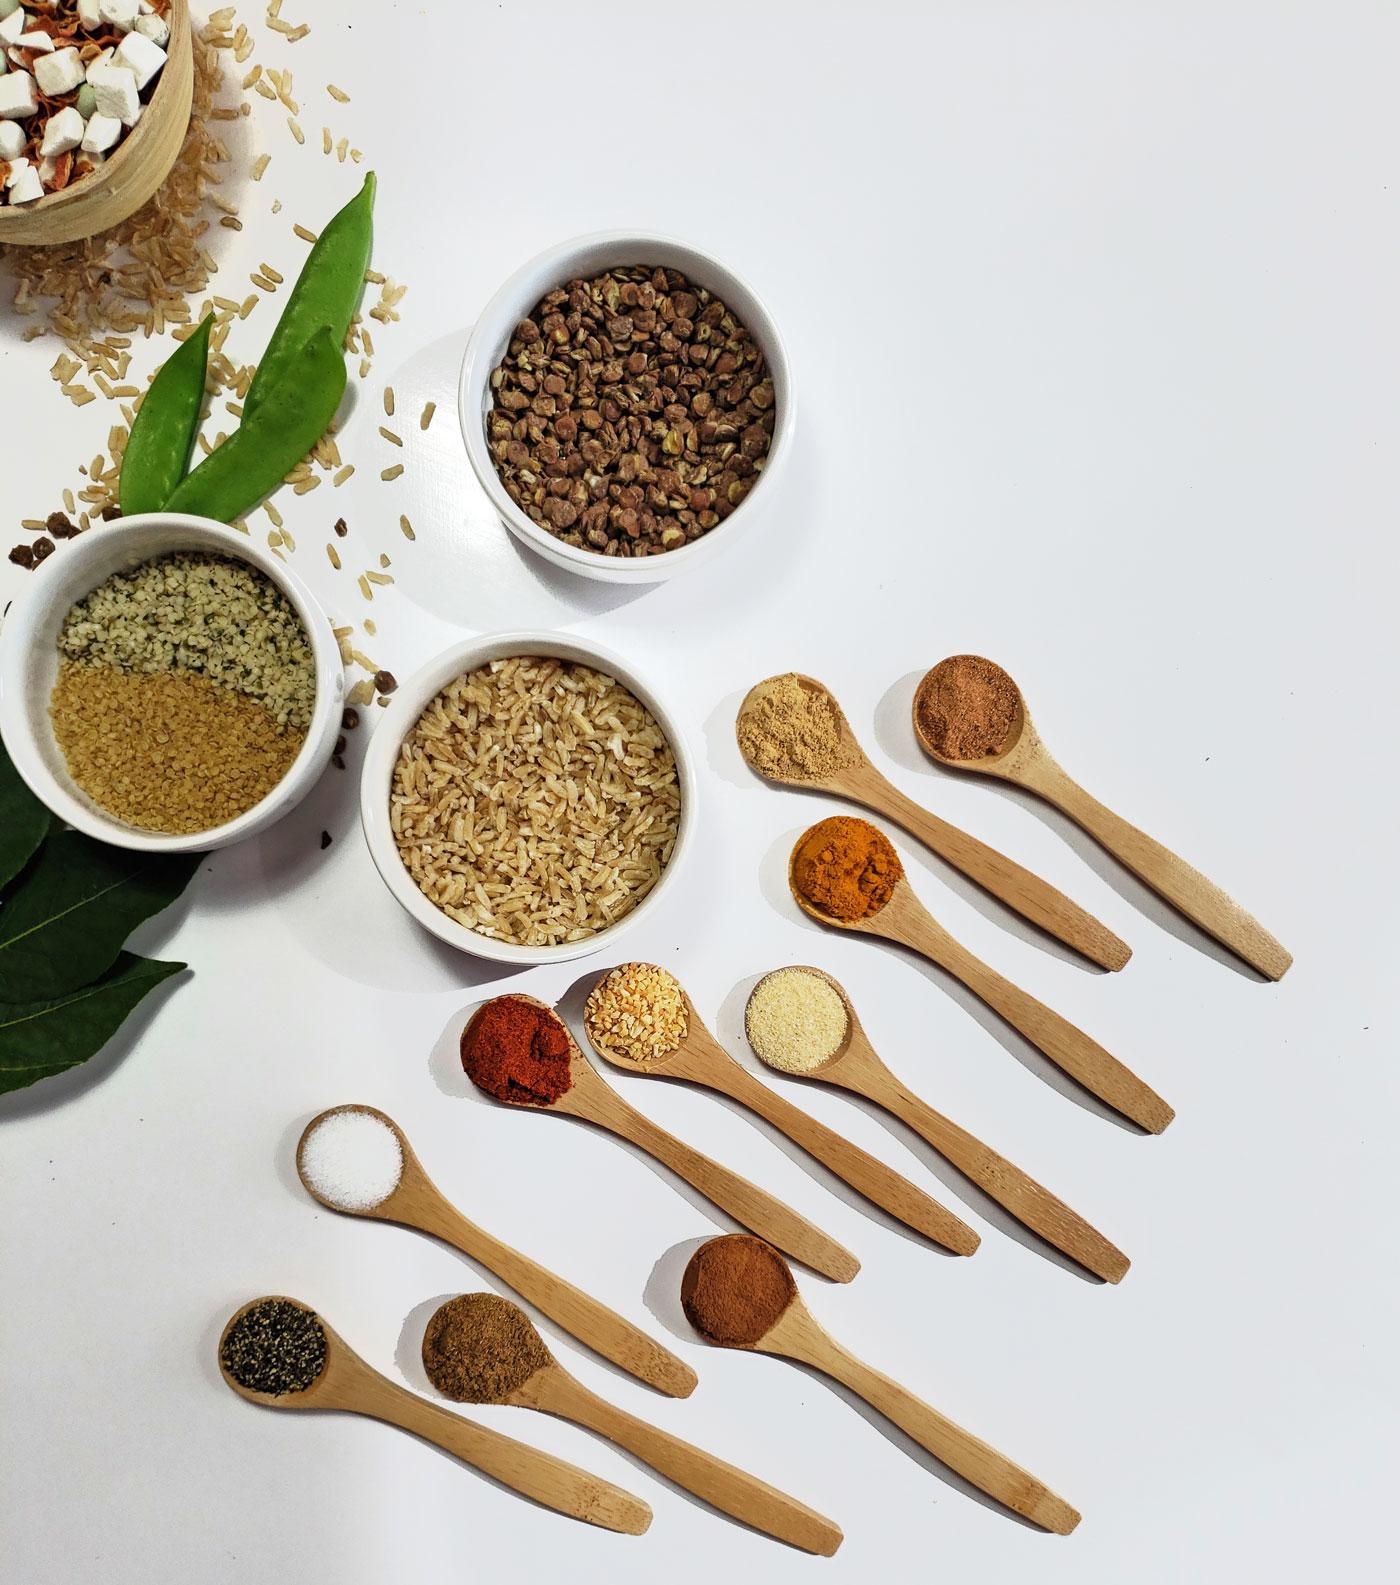 ingredients_spoons.jpg